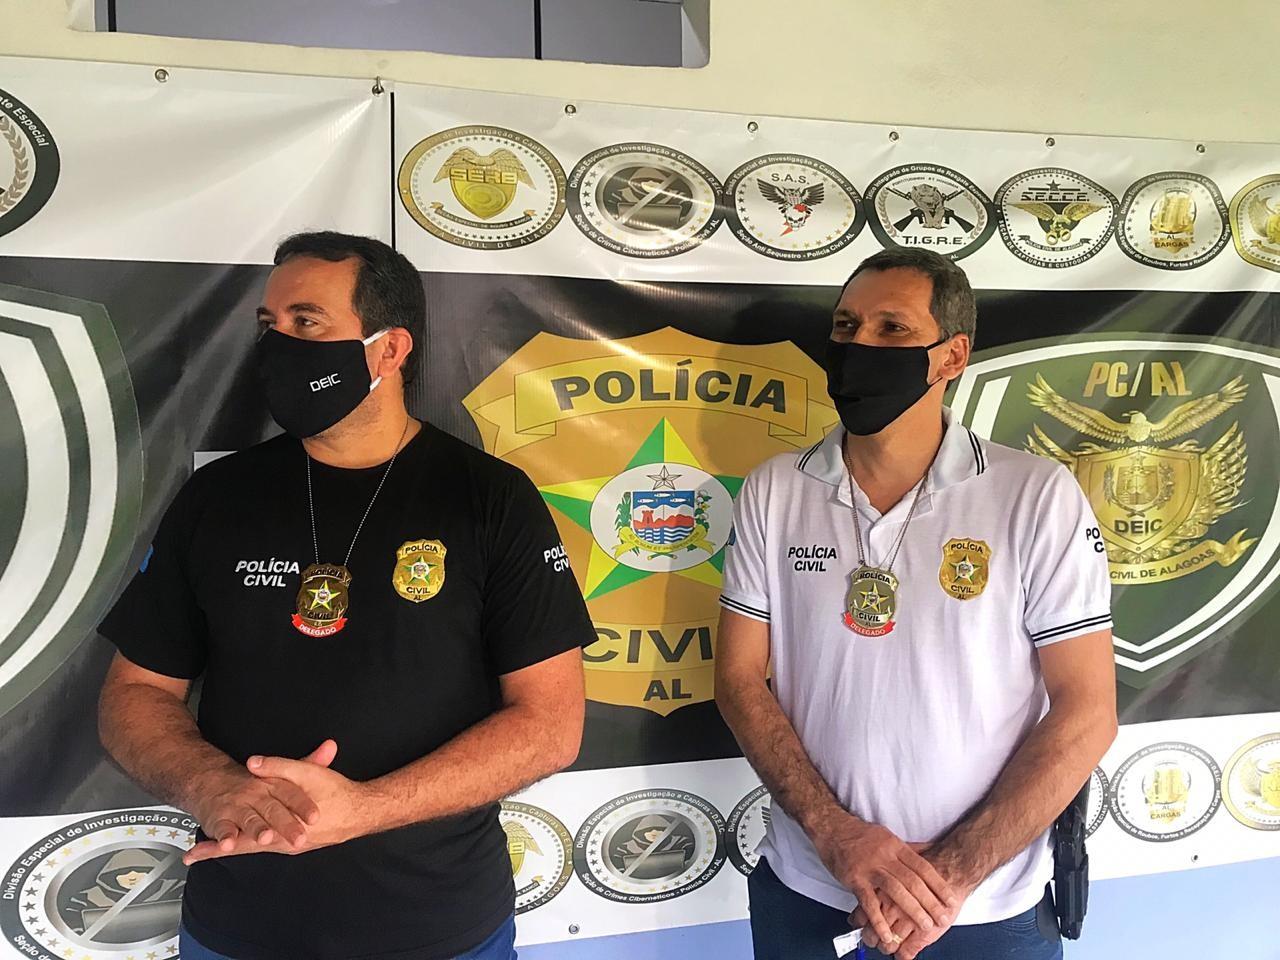 Presos eram extorquidos por advogados para conseguir transferências entre presídios de Alagoas, diz Polícia Civil